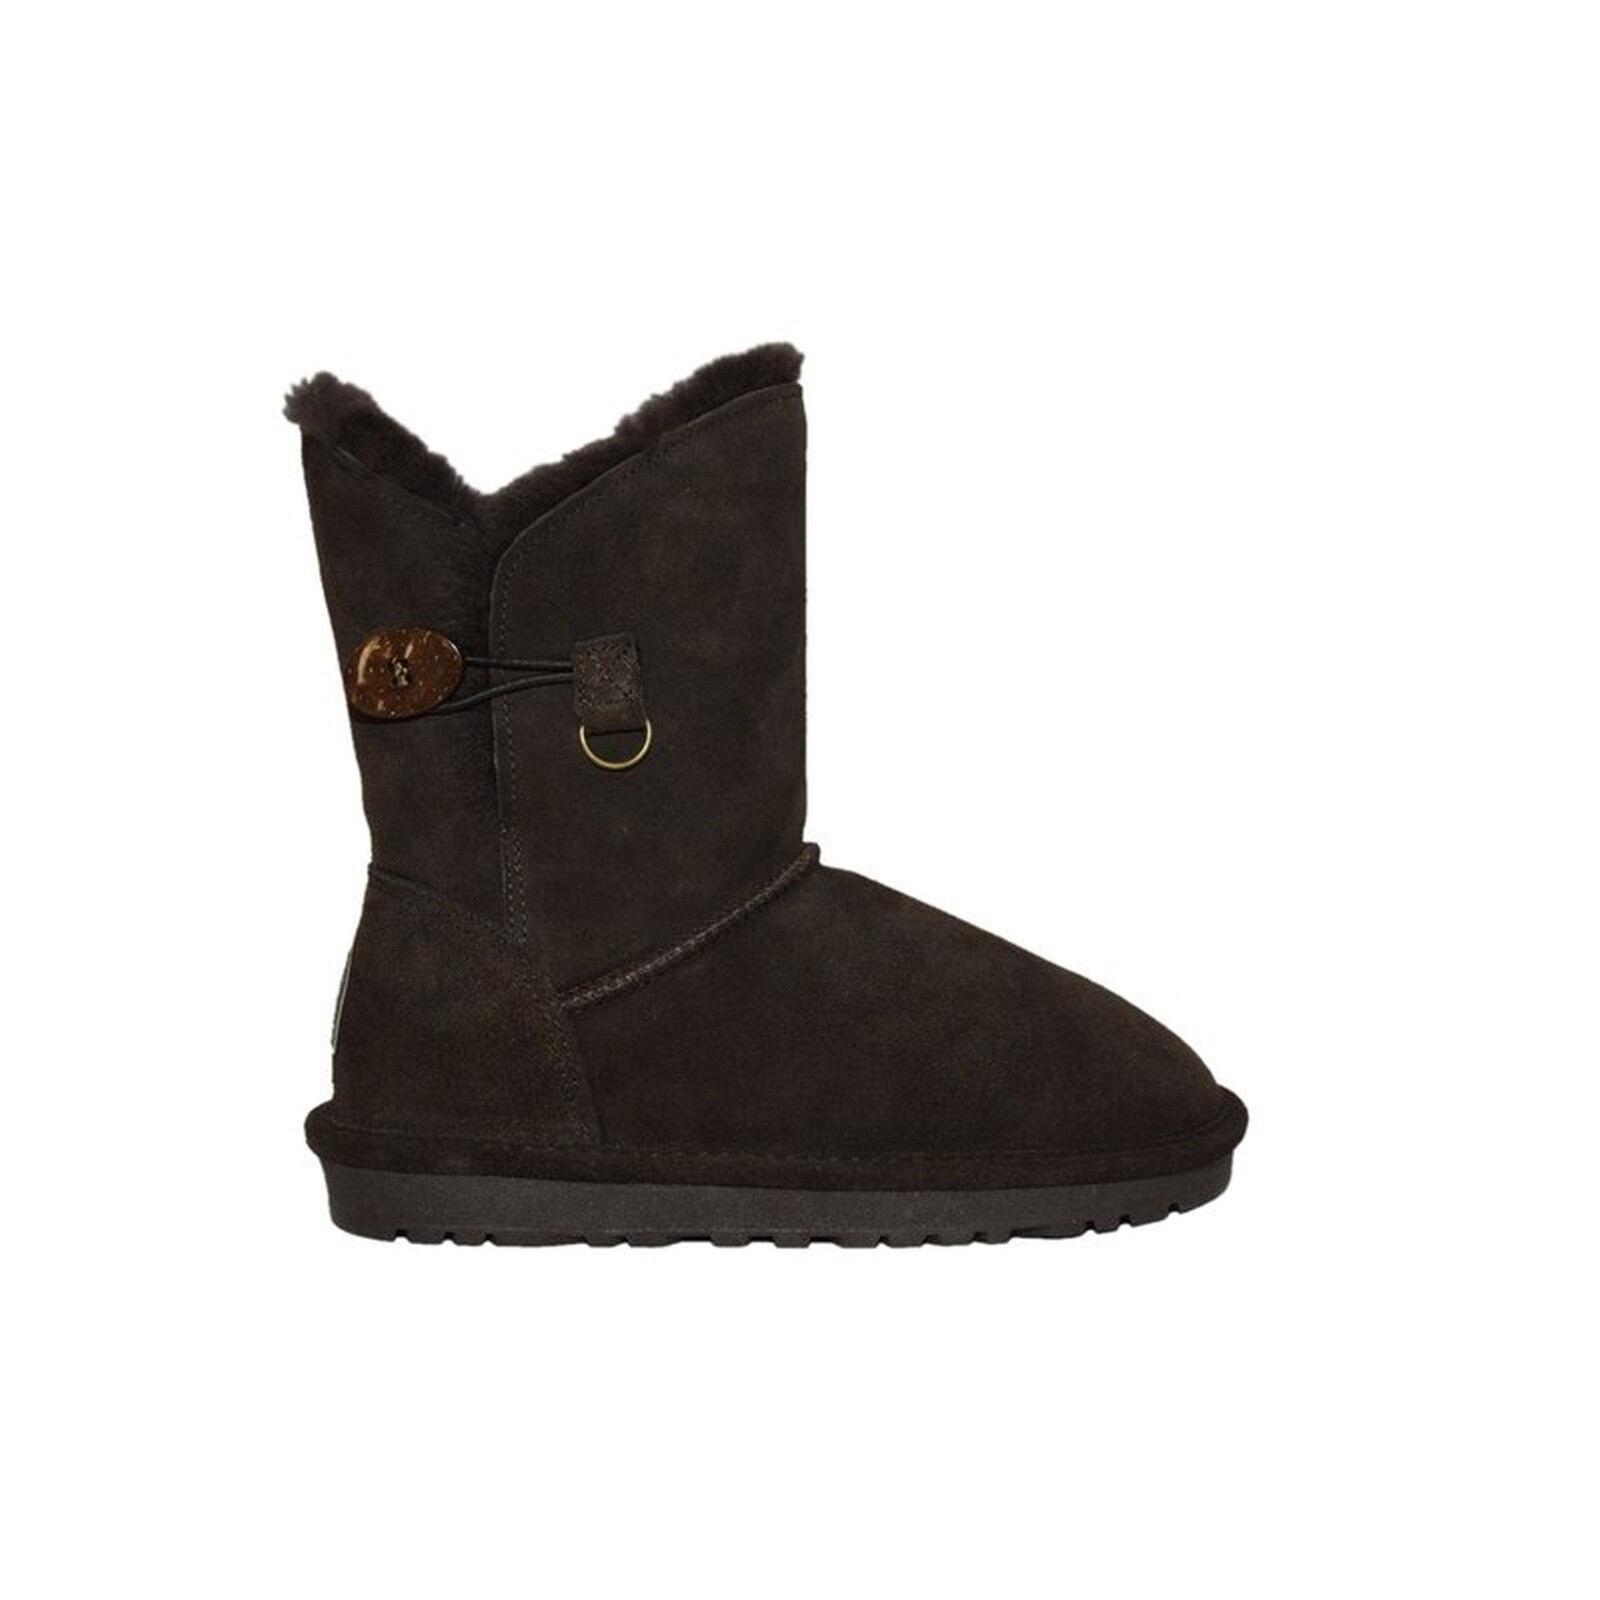 Reisner cordero-botas lara noble serraje pu-suela merino-cordero marrón